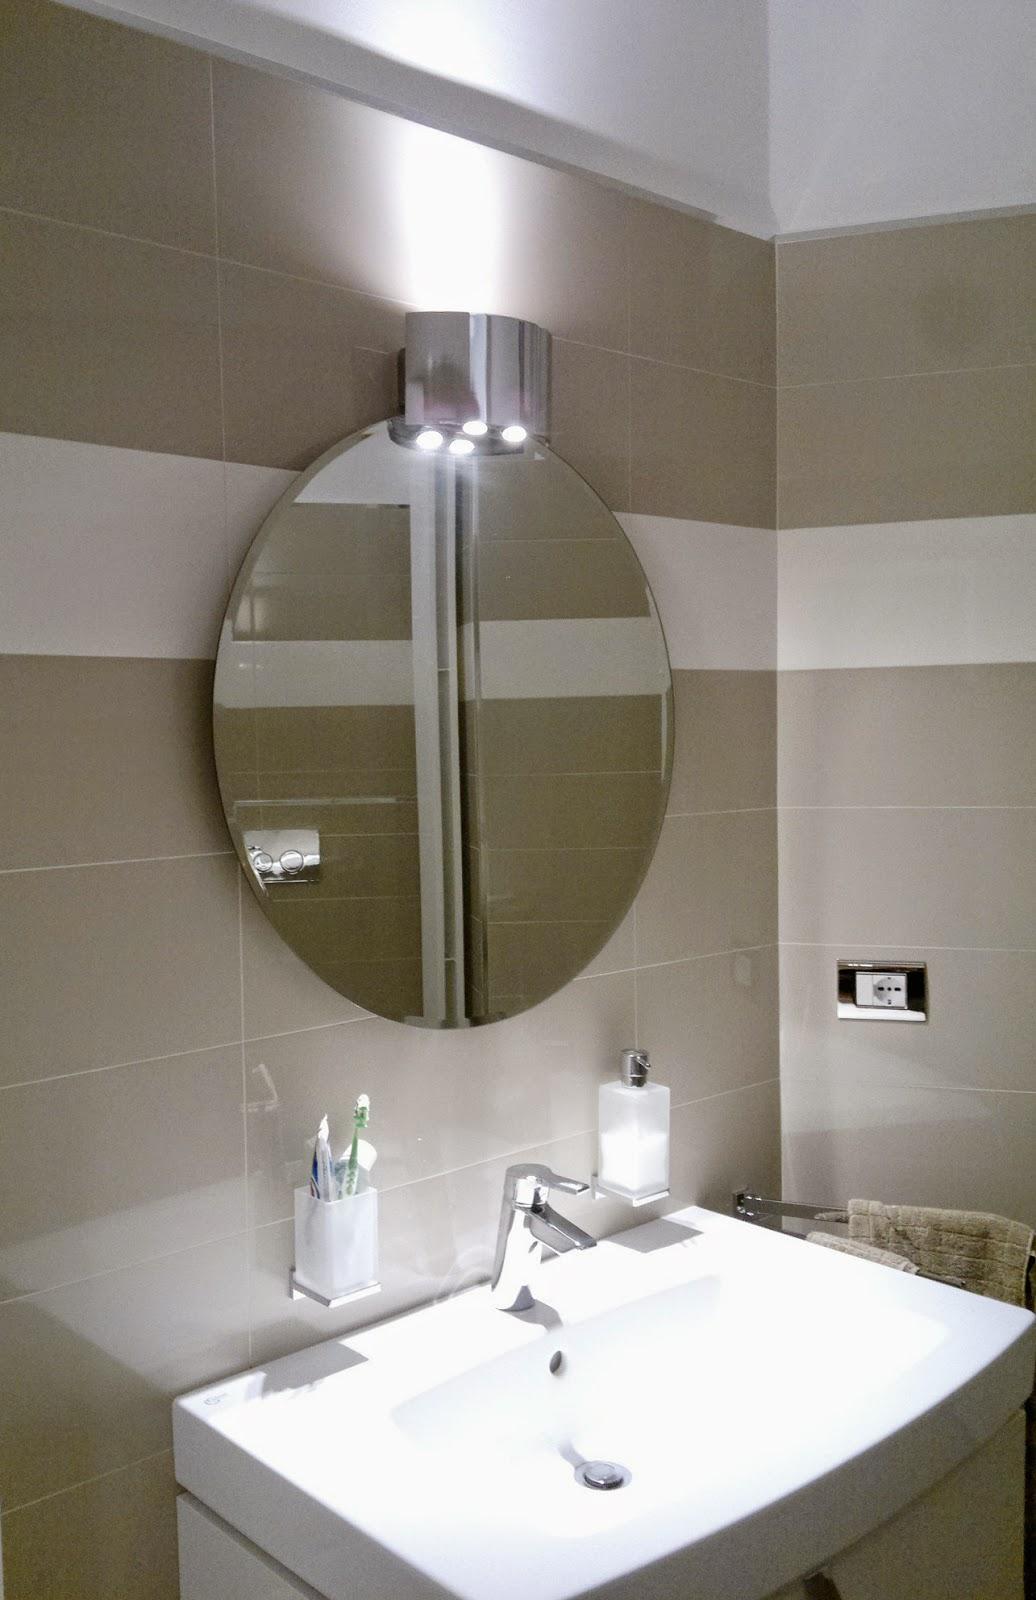 Illuminazione led casa - Illuminazione bagno ...